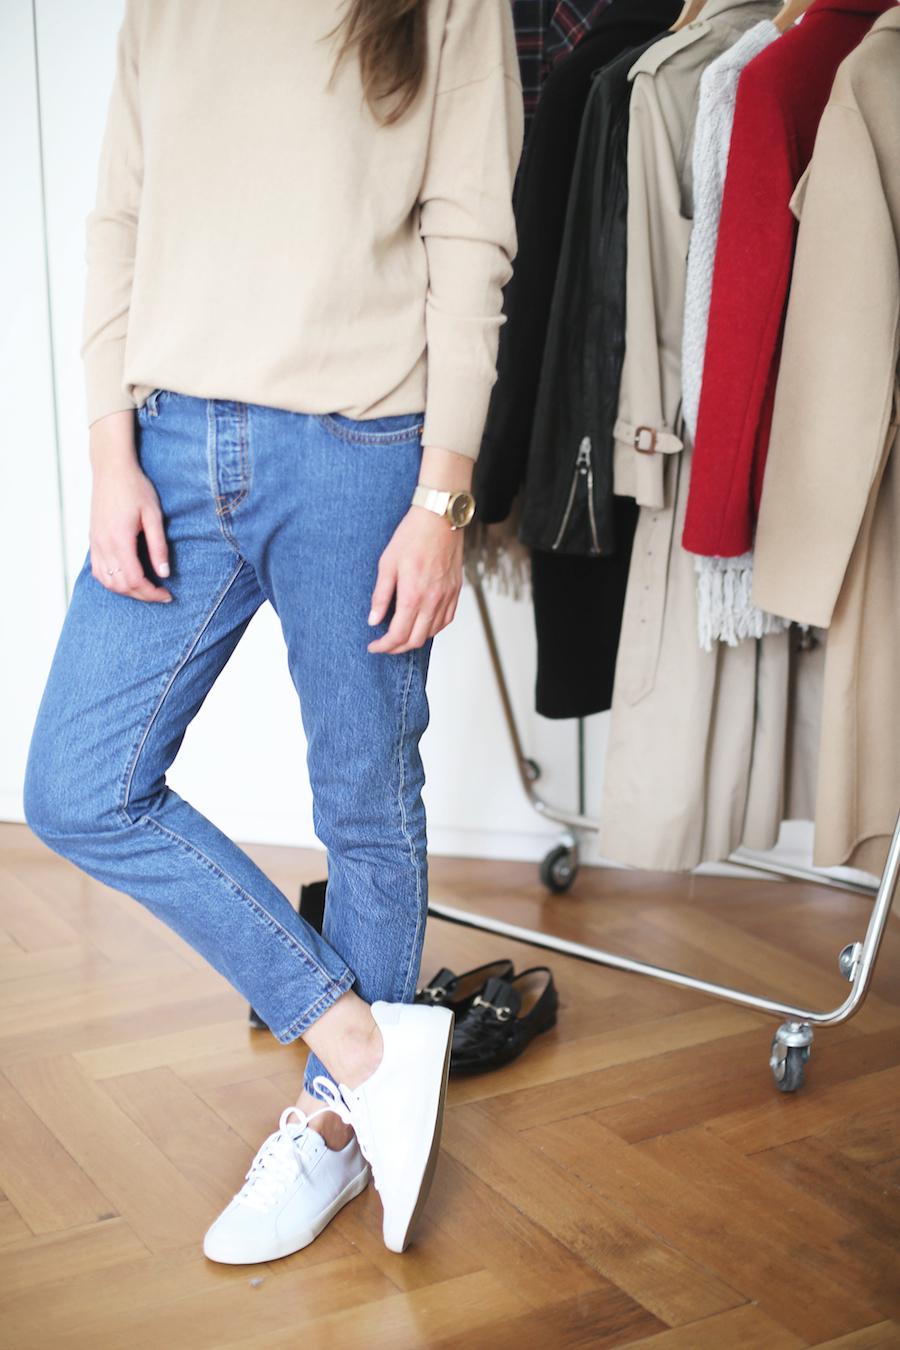 fall_edit_basic_wardrobe_faves_1fall_edit_basic_wardrobe_faves_16